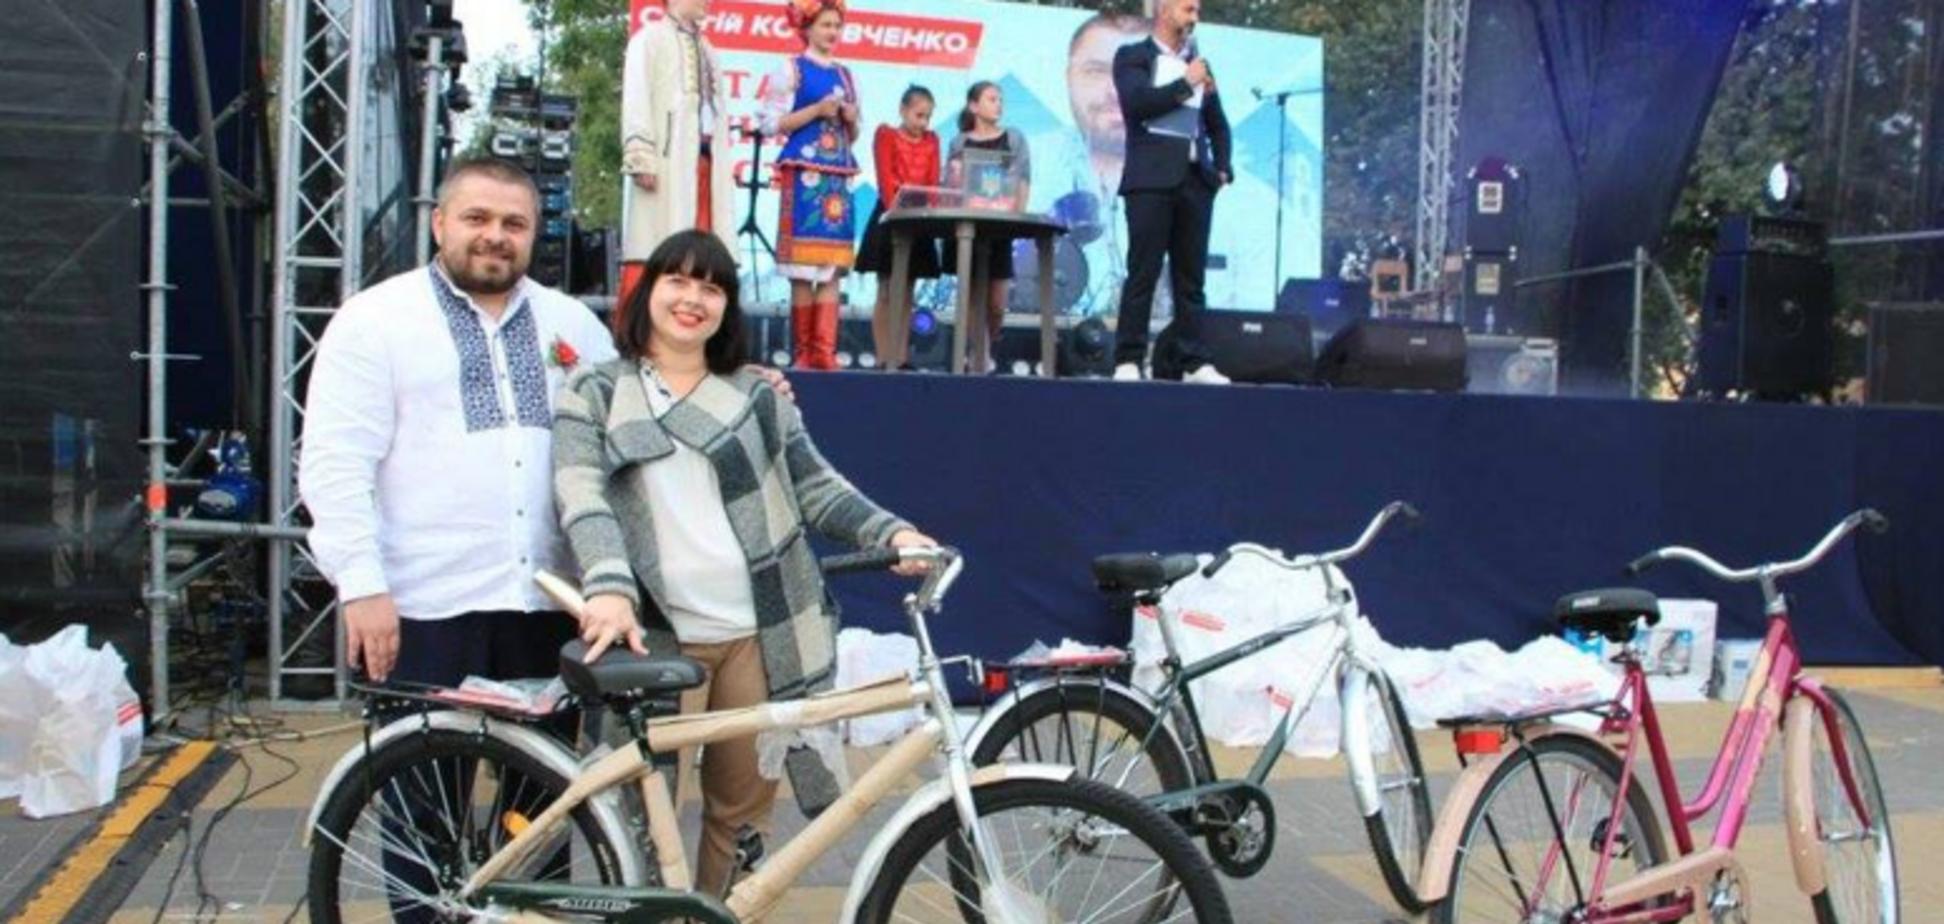 Як 'негідник і сепаратист' Коровченко мало не пройшов до Верховної Ради по 210 округу